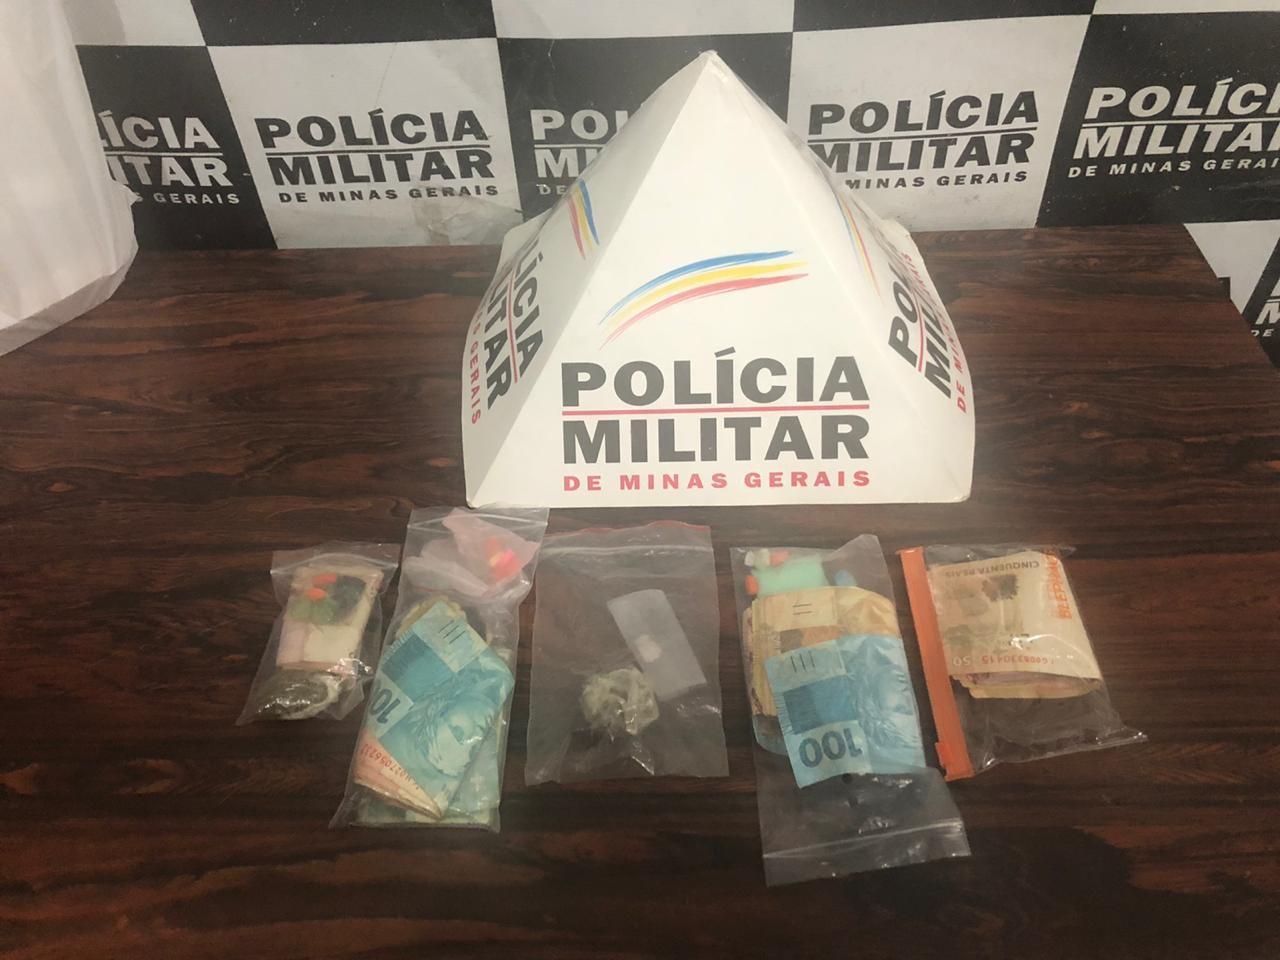 Seis jovens são presos por tráfico de drogas sintéticas a caminho de rave em Divinópolis